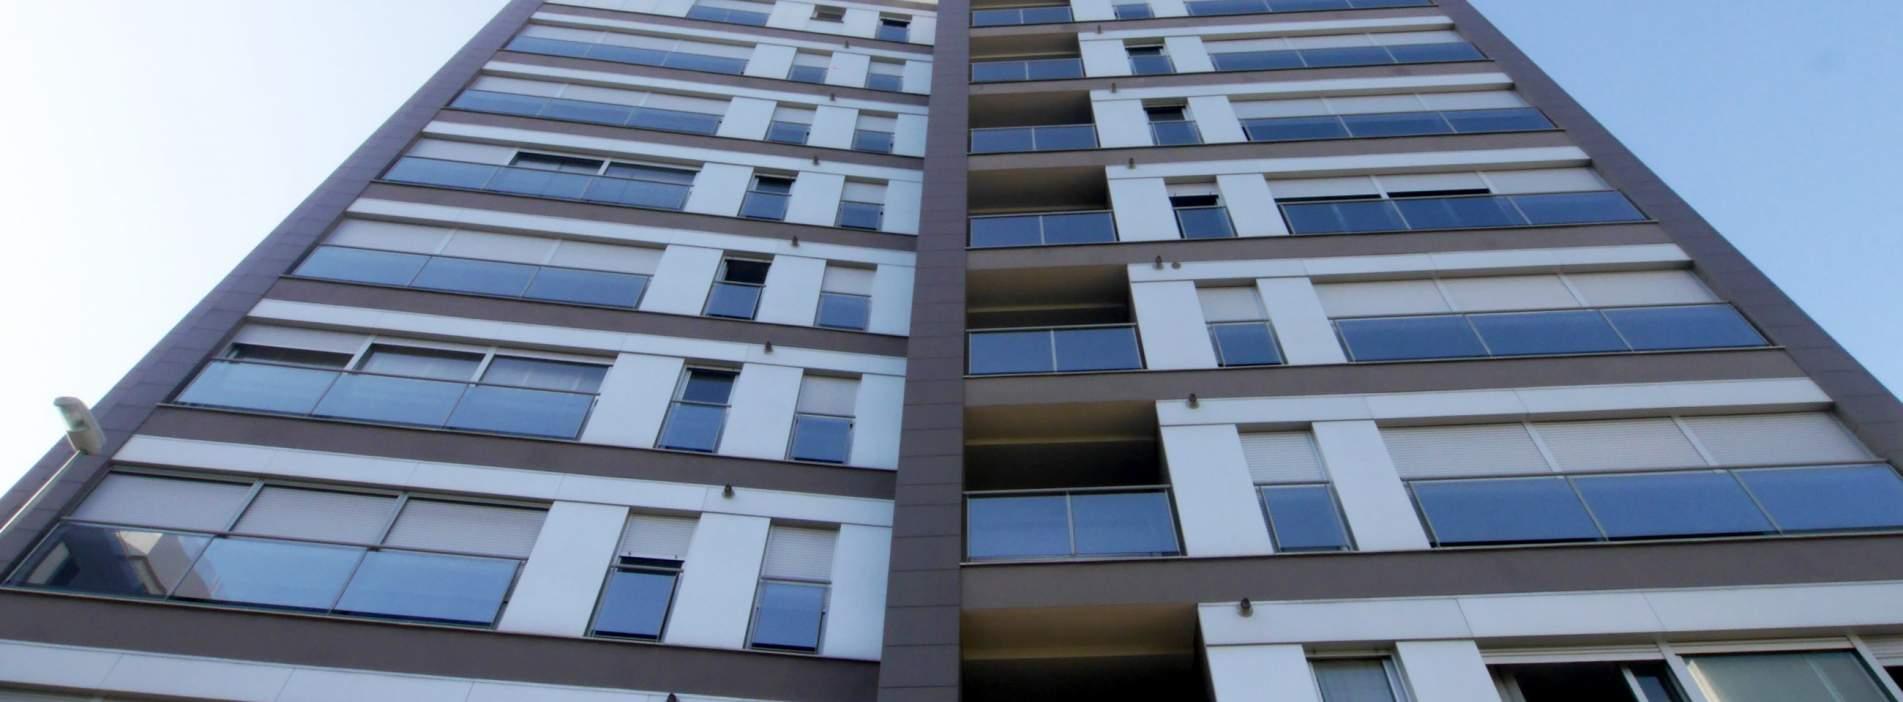 Edificion Bulevar - Viviendas nuevas de lujo en el centro de Castellón